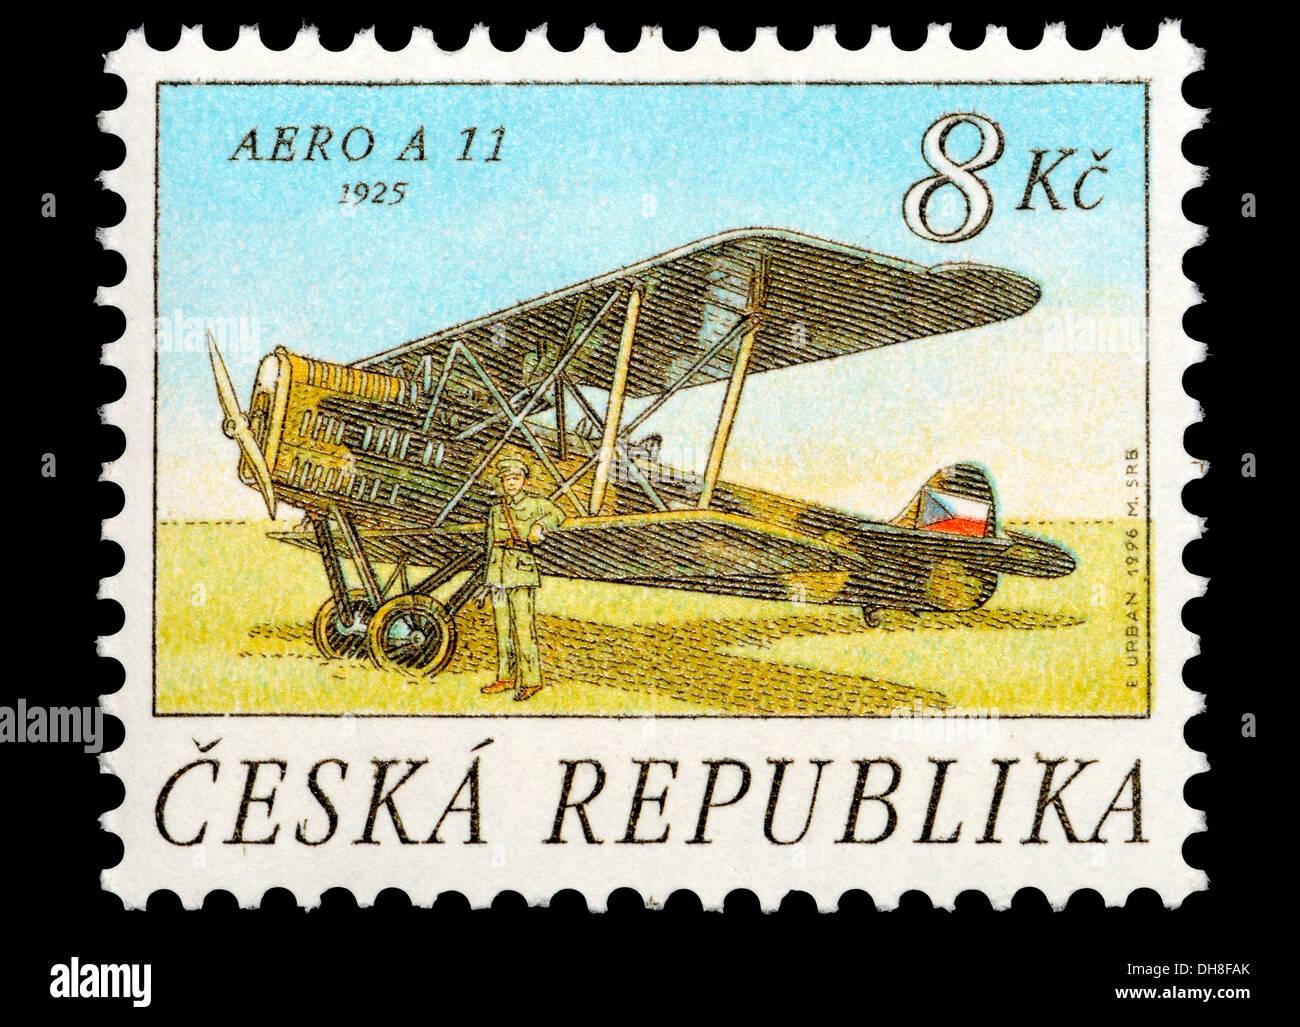 Repubblica ceca francobollo: Aero A-11 (1925) cecoslovacca bombardiere biplano Immagini Stock